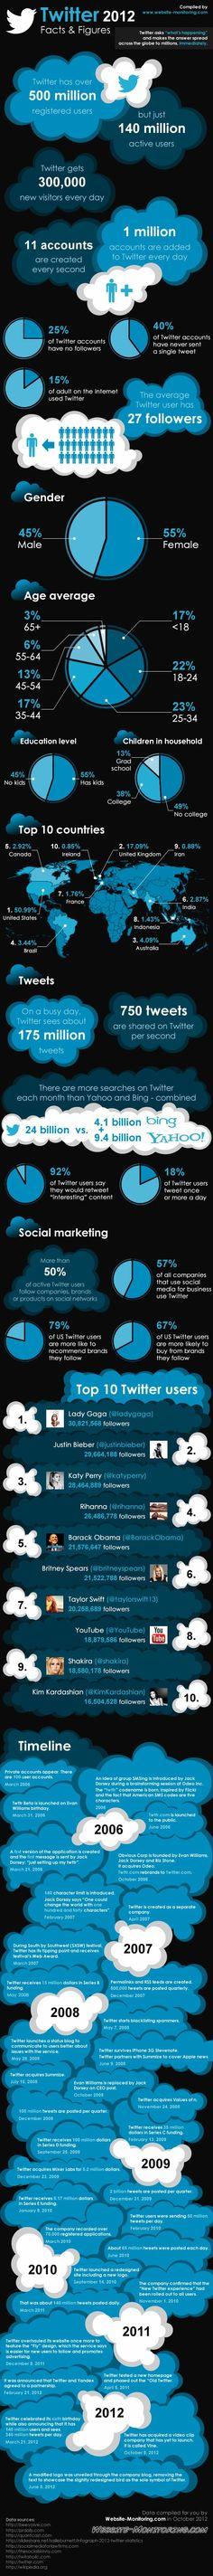 Datos sobre Twitter